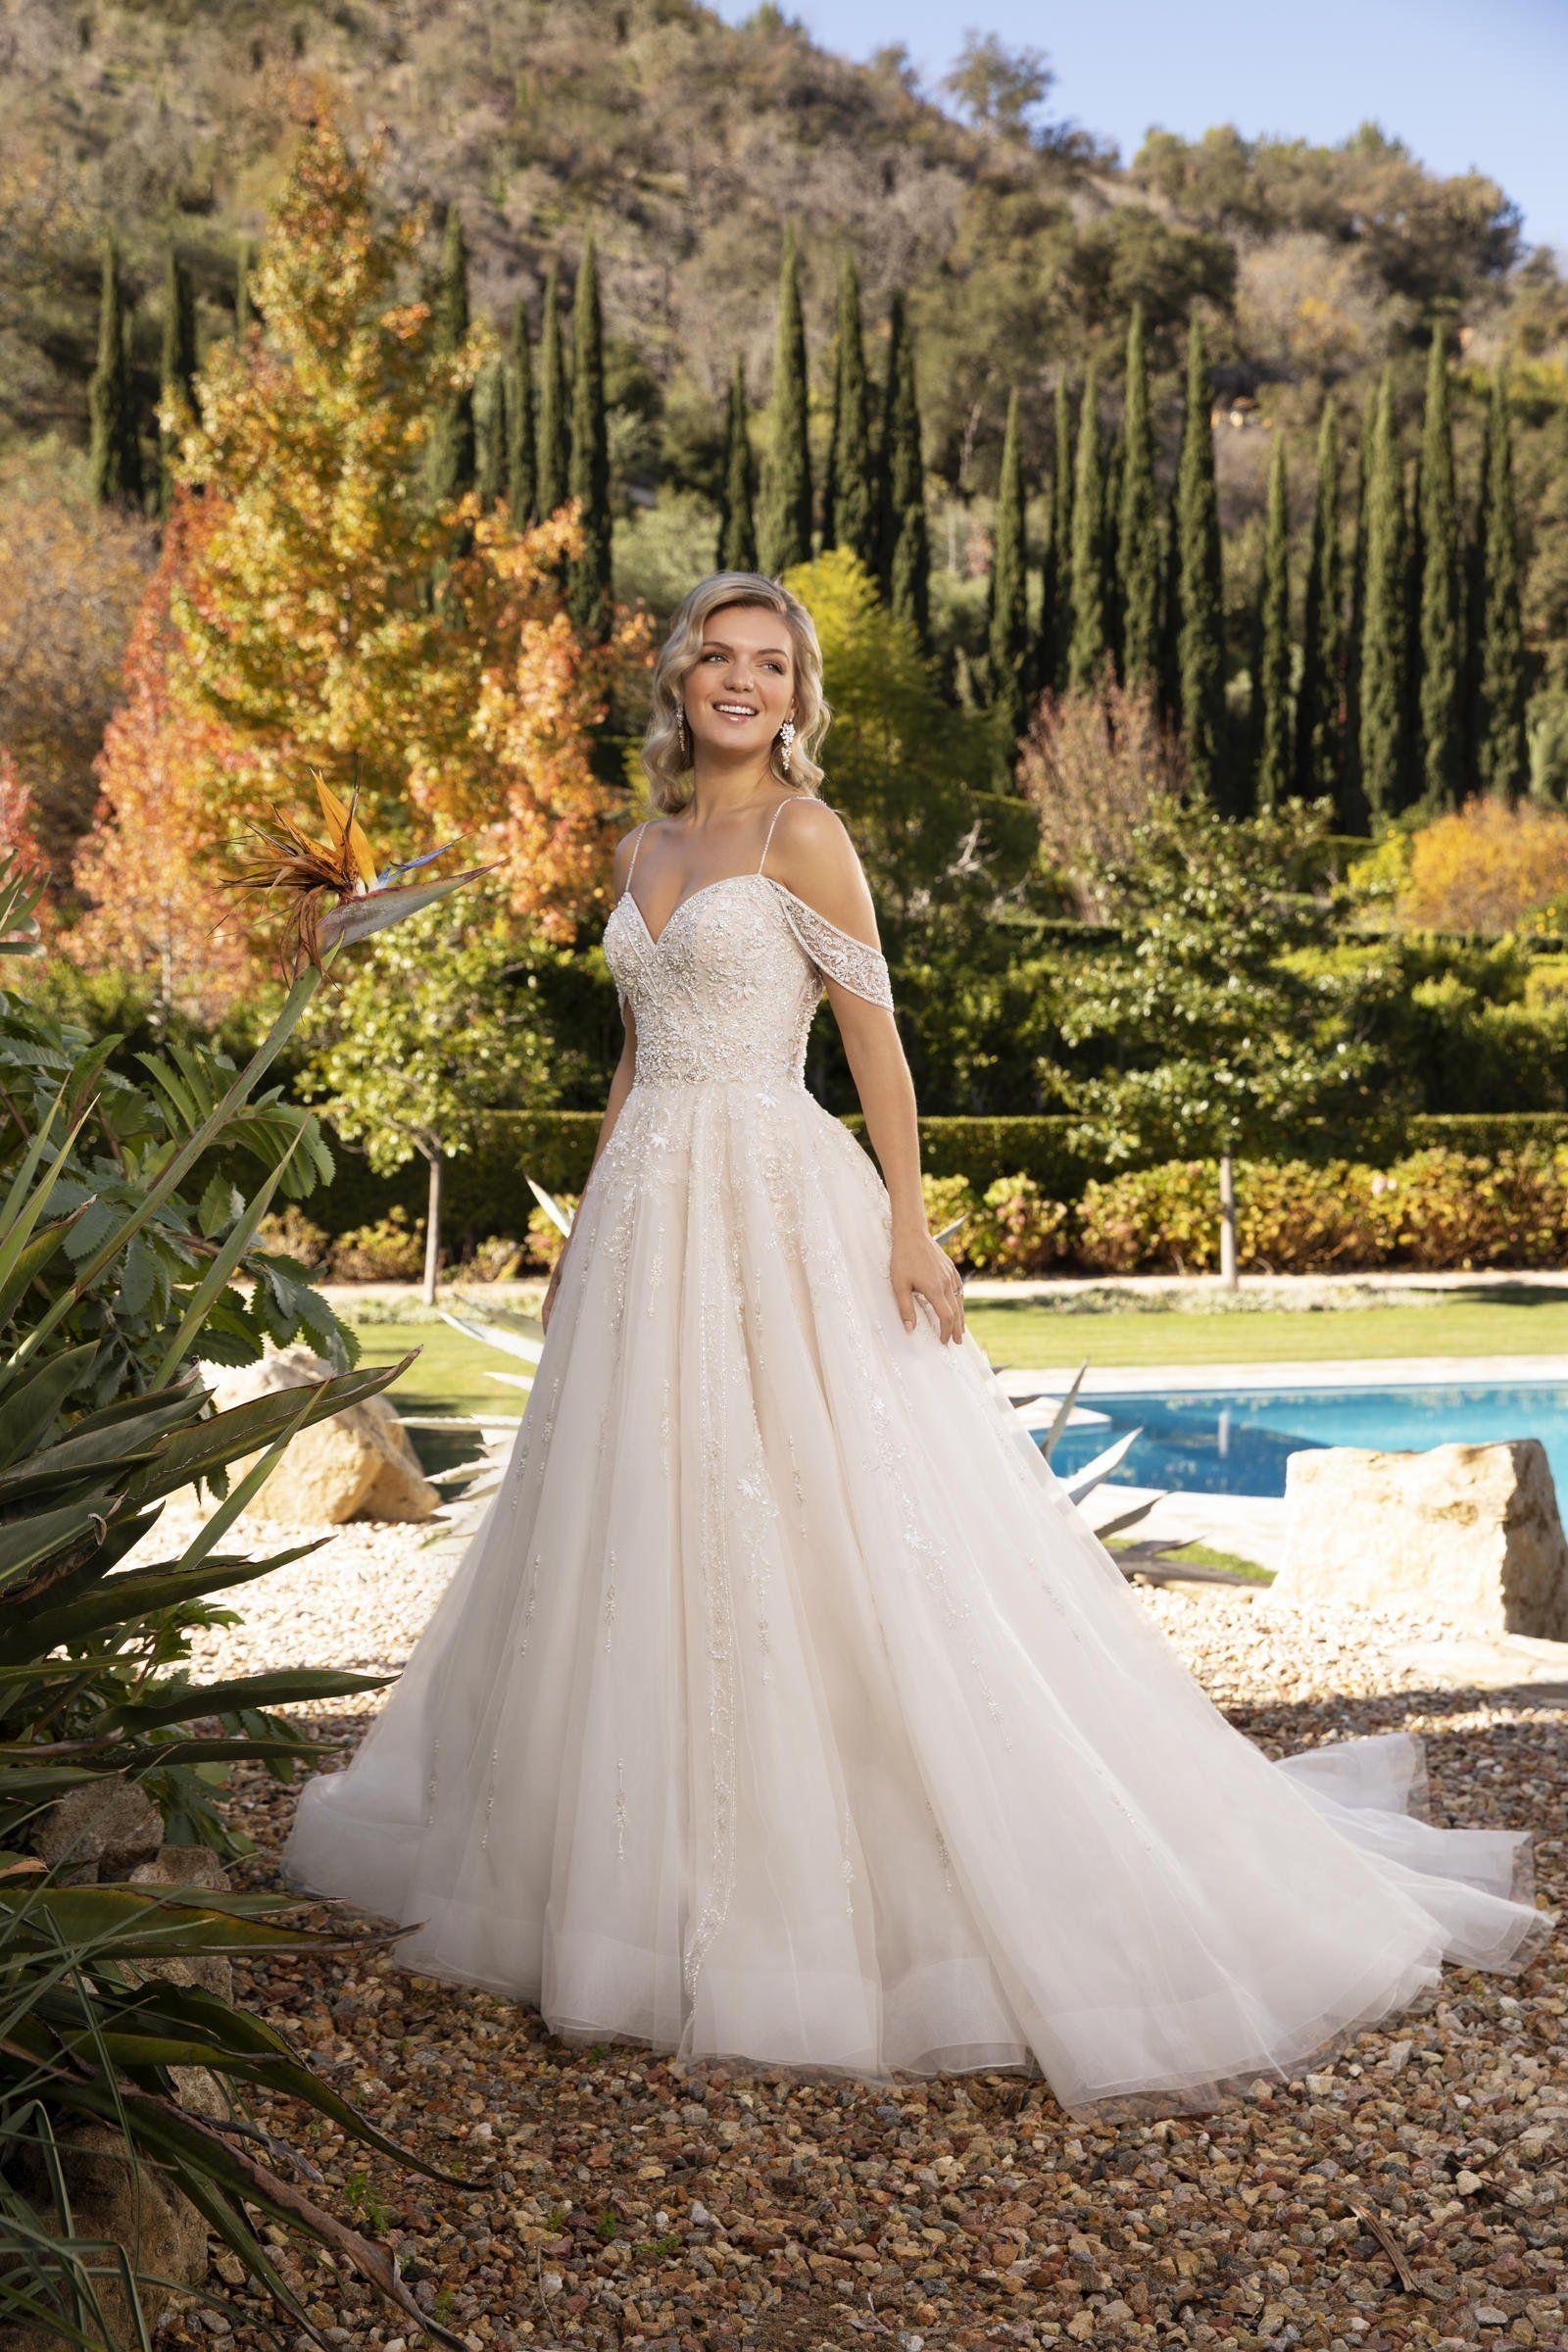 Casablanca Bridal 2389 in 2020 Casablanca bridal gowns